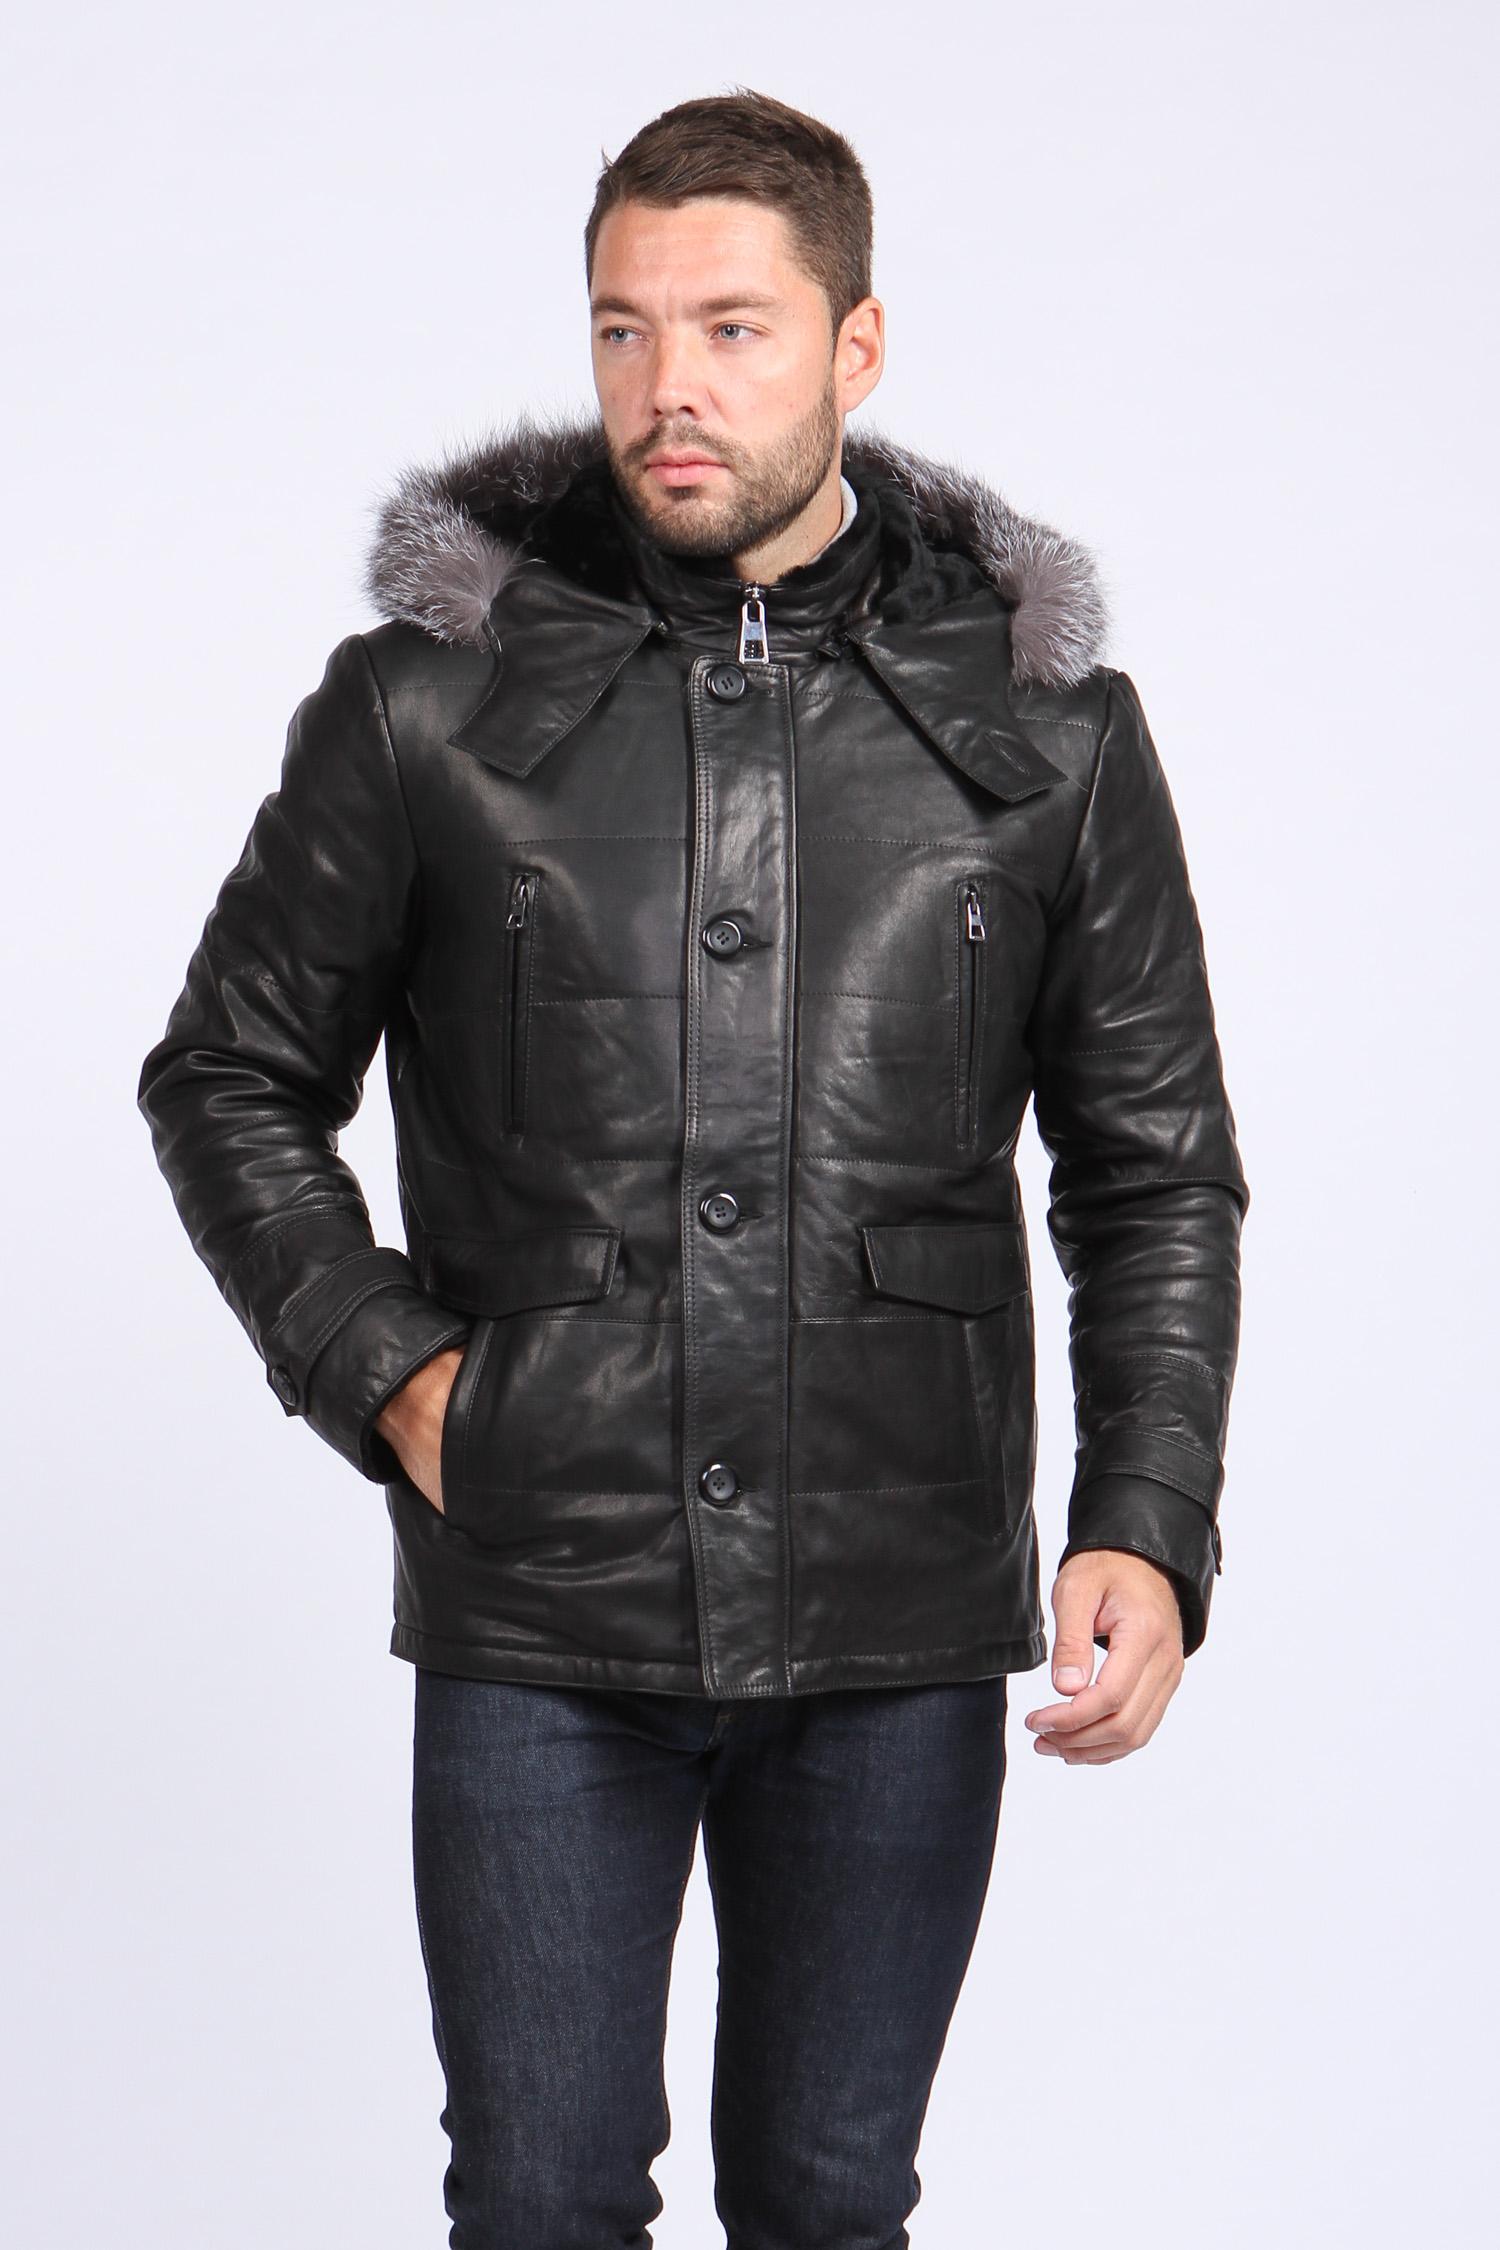 Мужская кожаная куртка из натуральной овчины на меху с капюшоном, отделка чернобурка